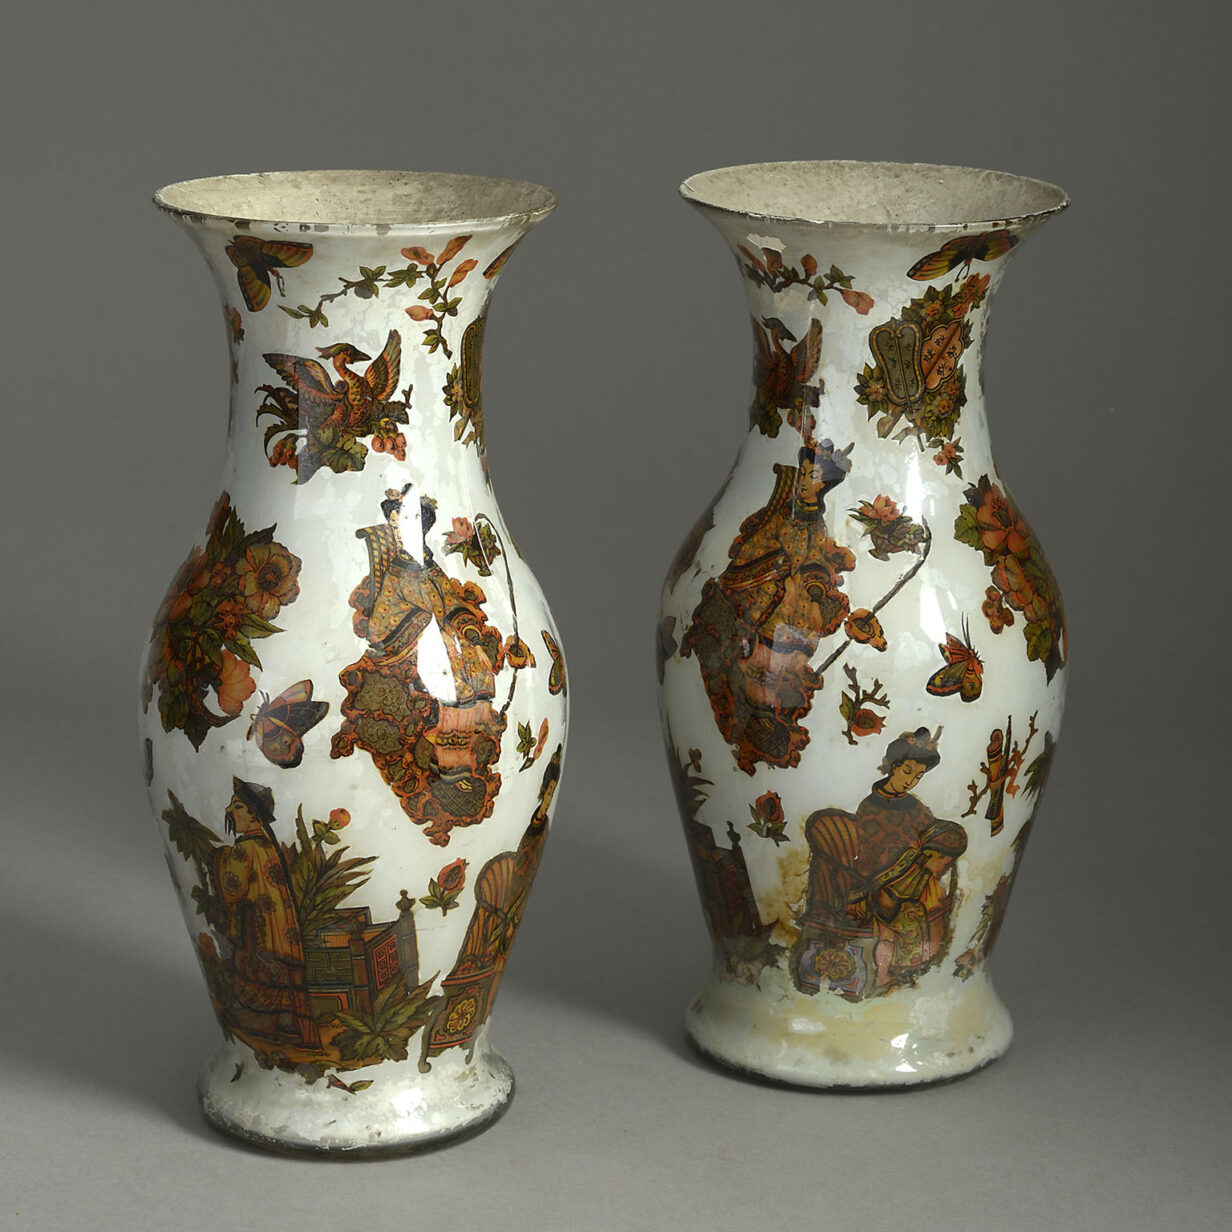 Pair of Decalcomania Vases